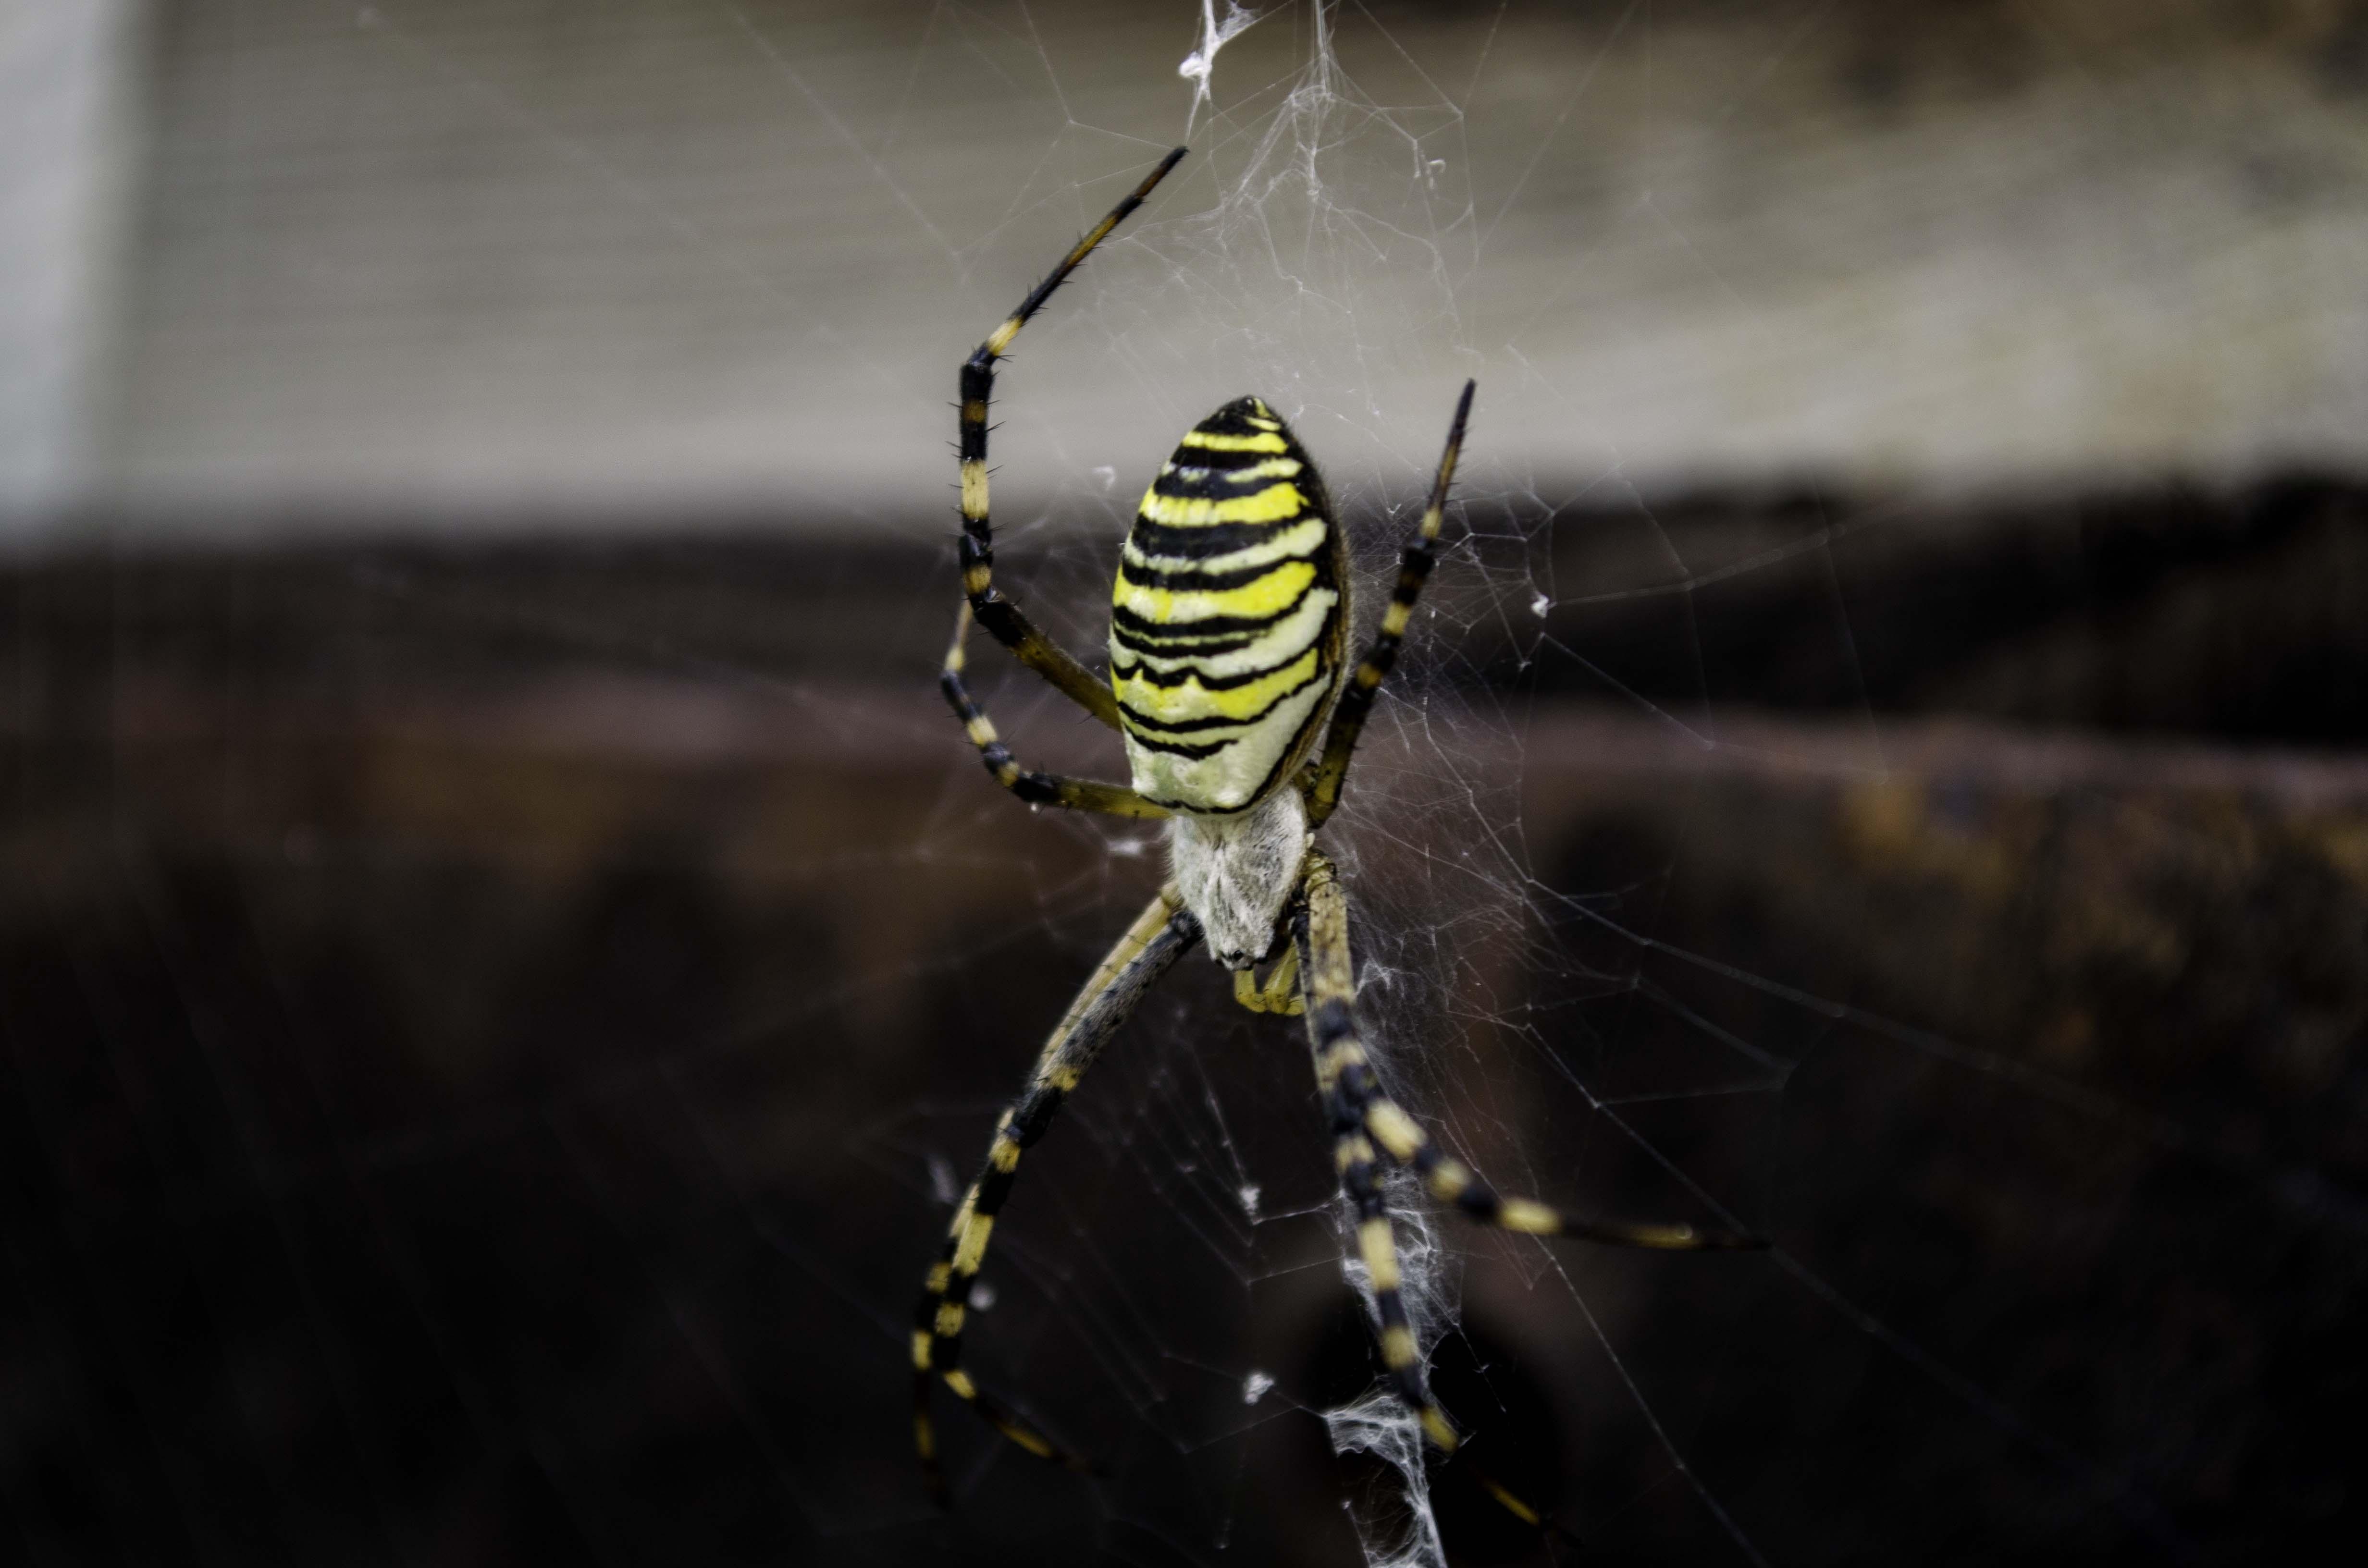 паук черный с желтыми полосками фото и описание чите можно